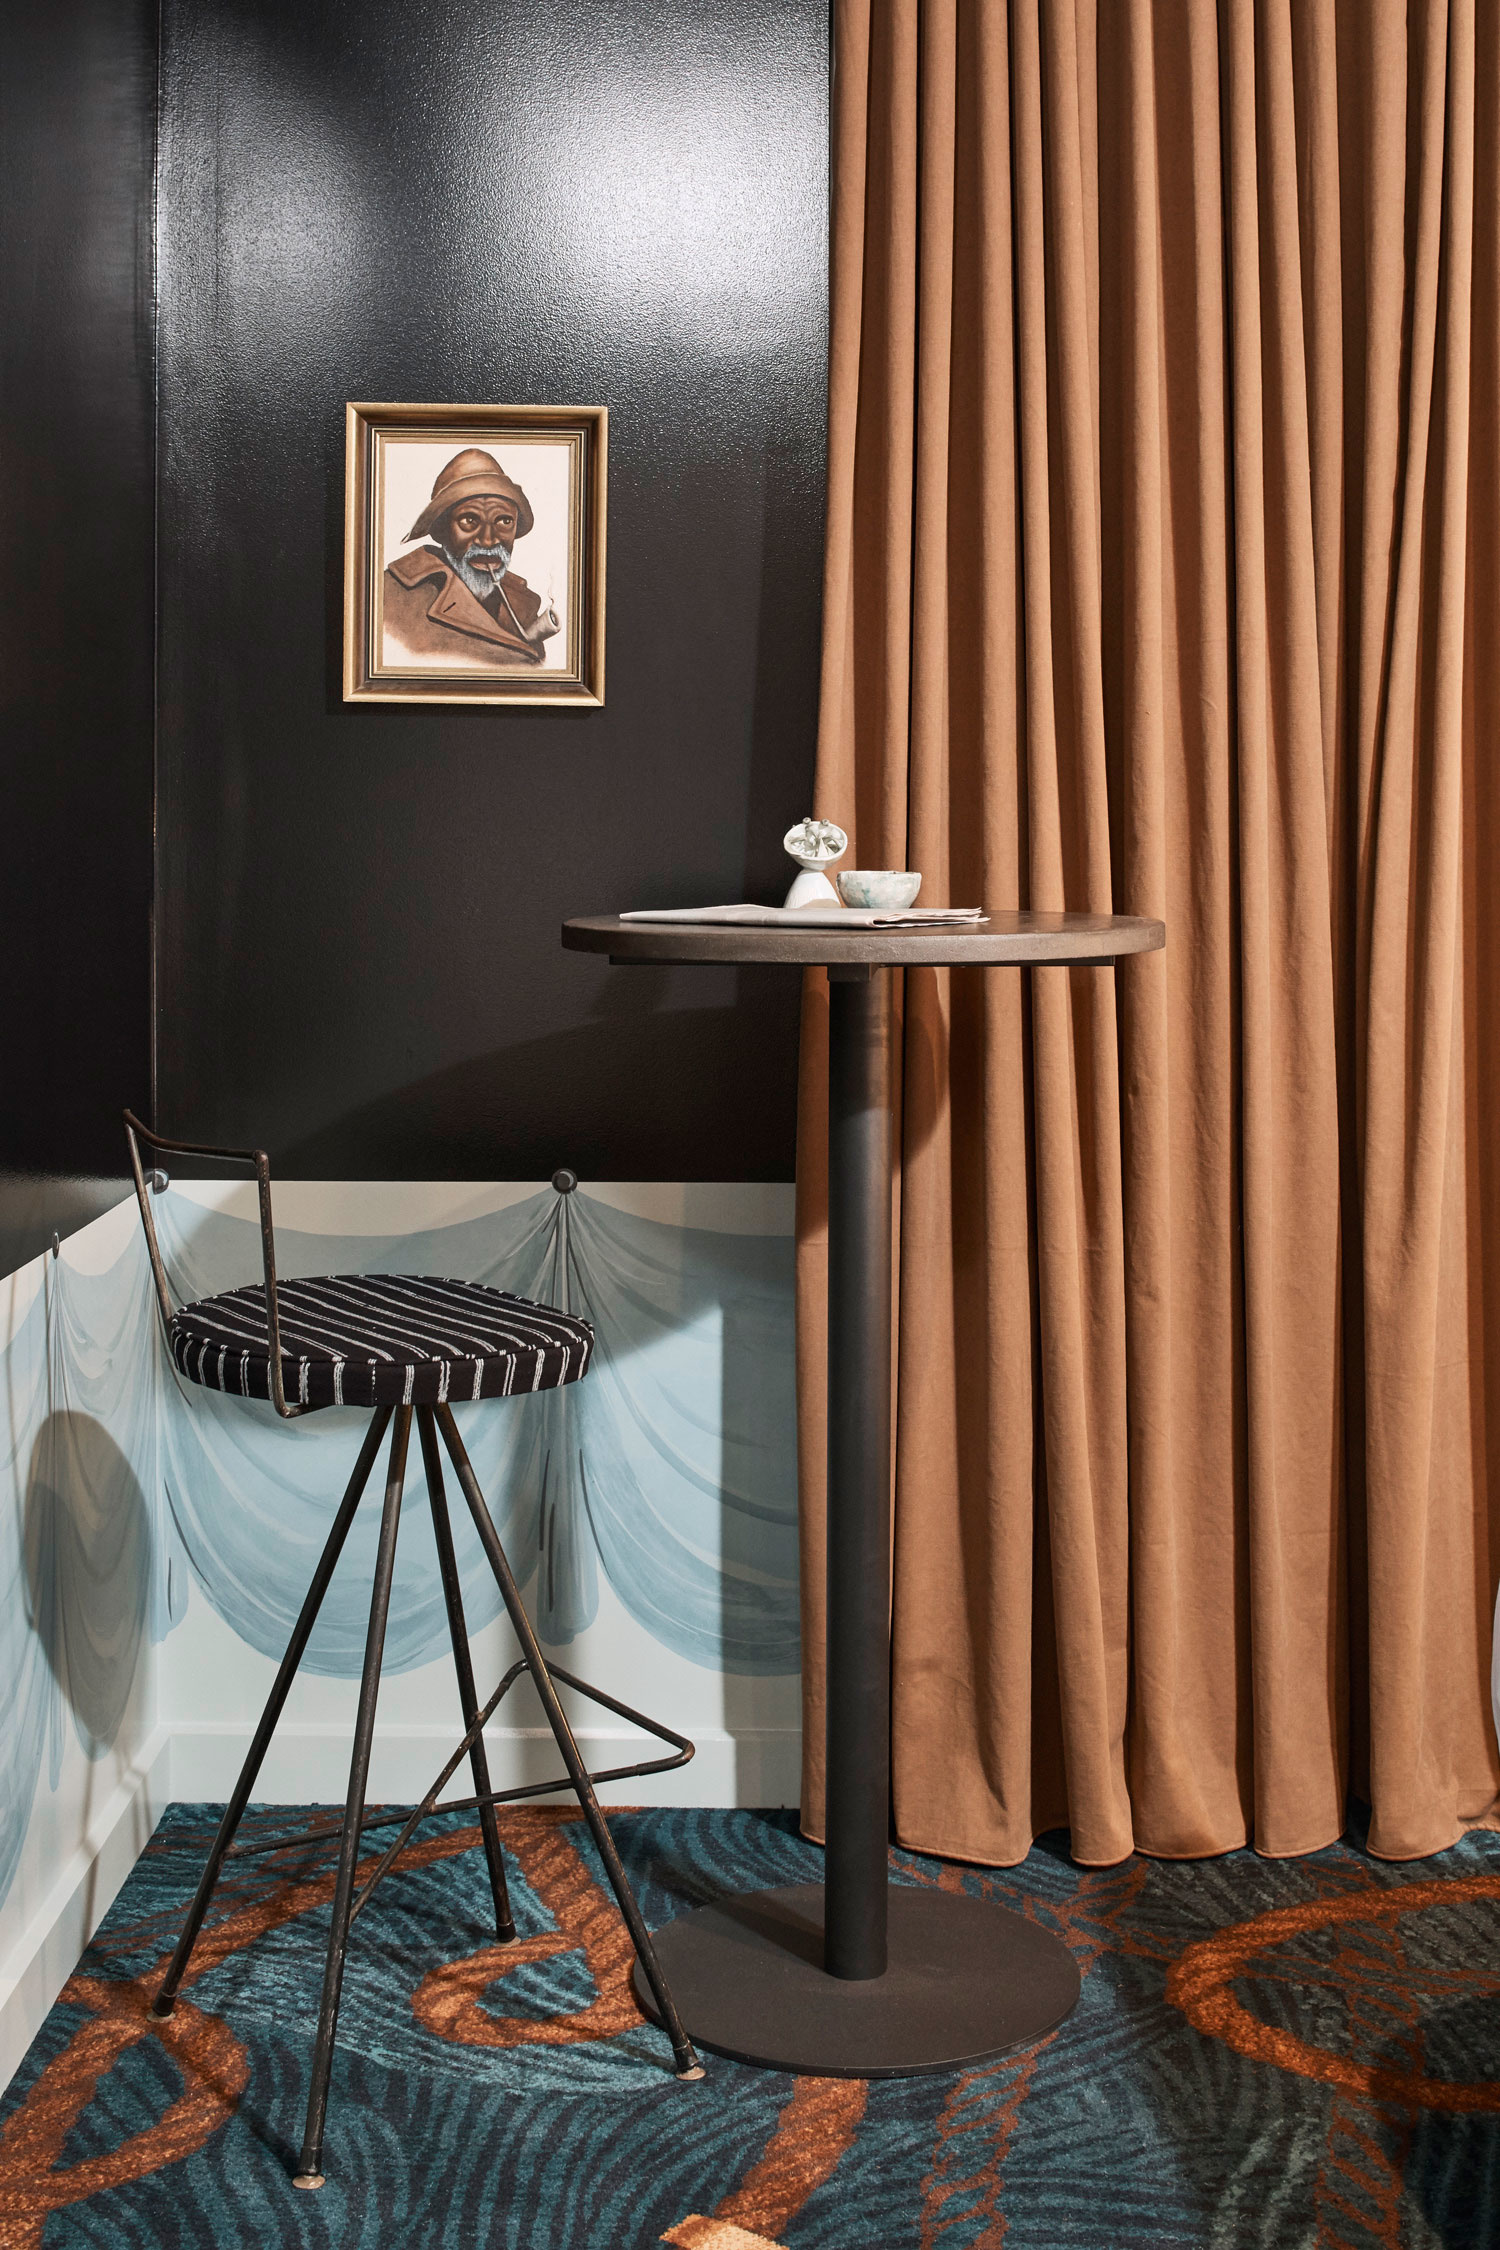 Отель Collectionist: современное искусство и авторский декор (галерея 6, фото 3)